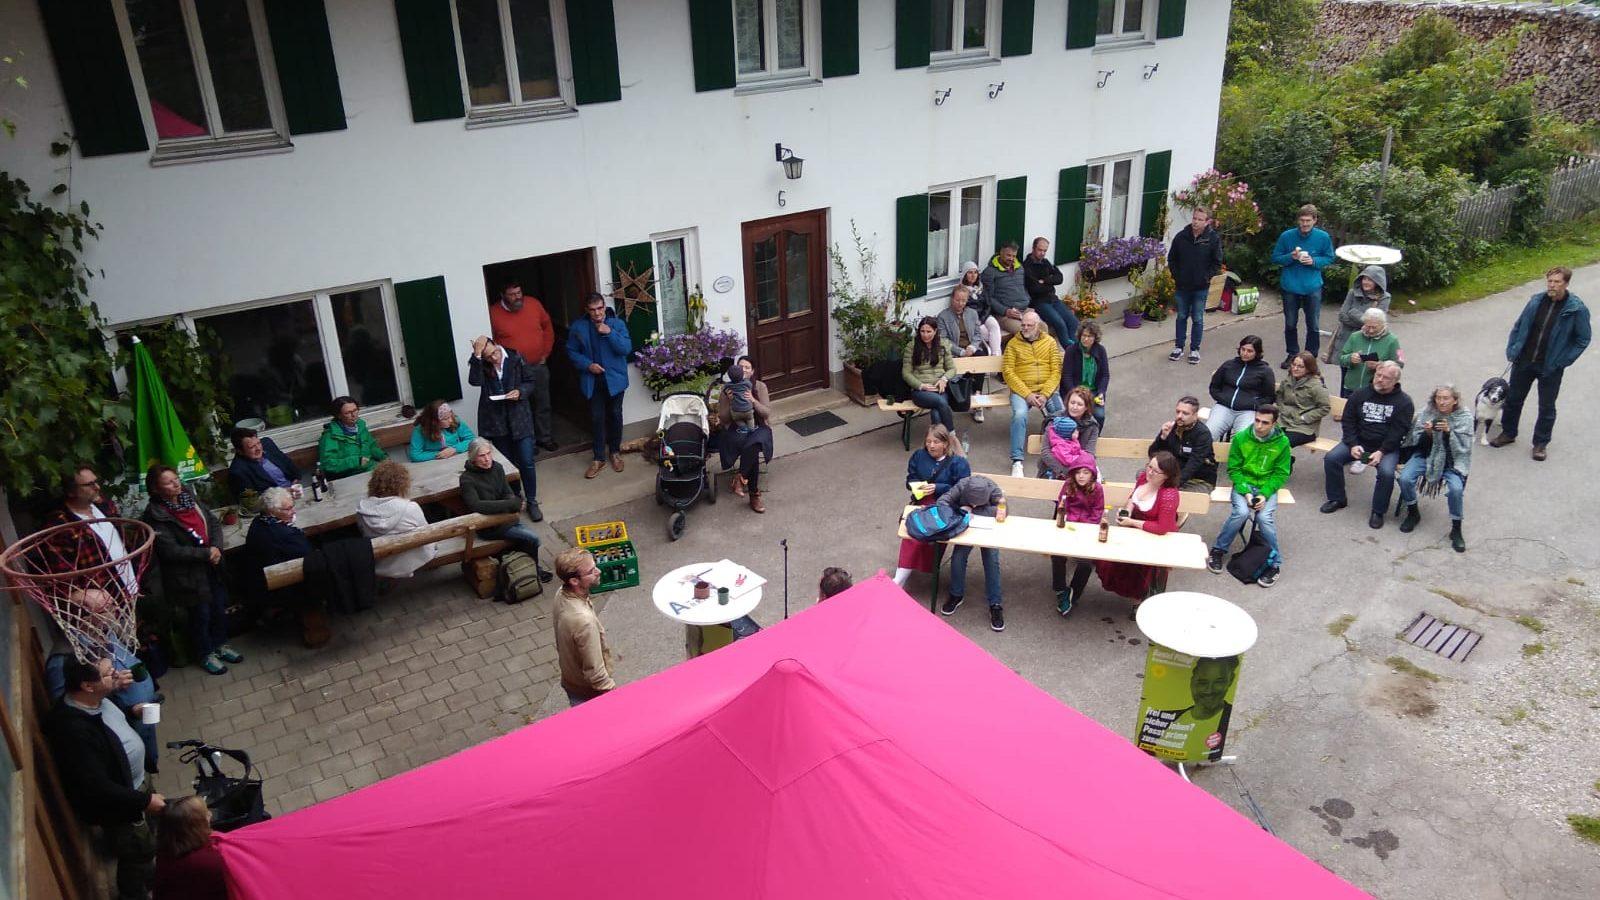 Trotz Regen gute Stimmung: unser Hoffest am Becklarhof in Ronried